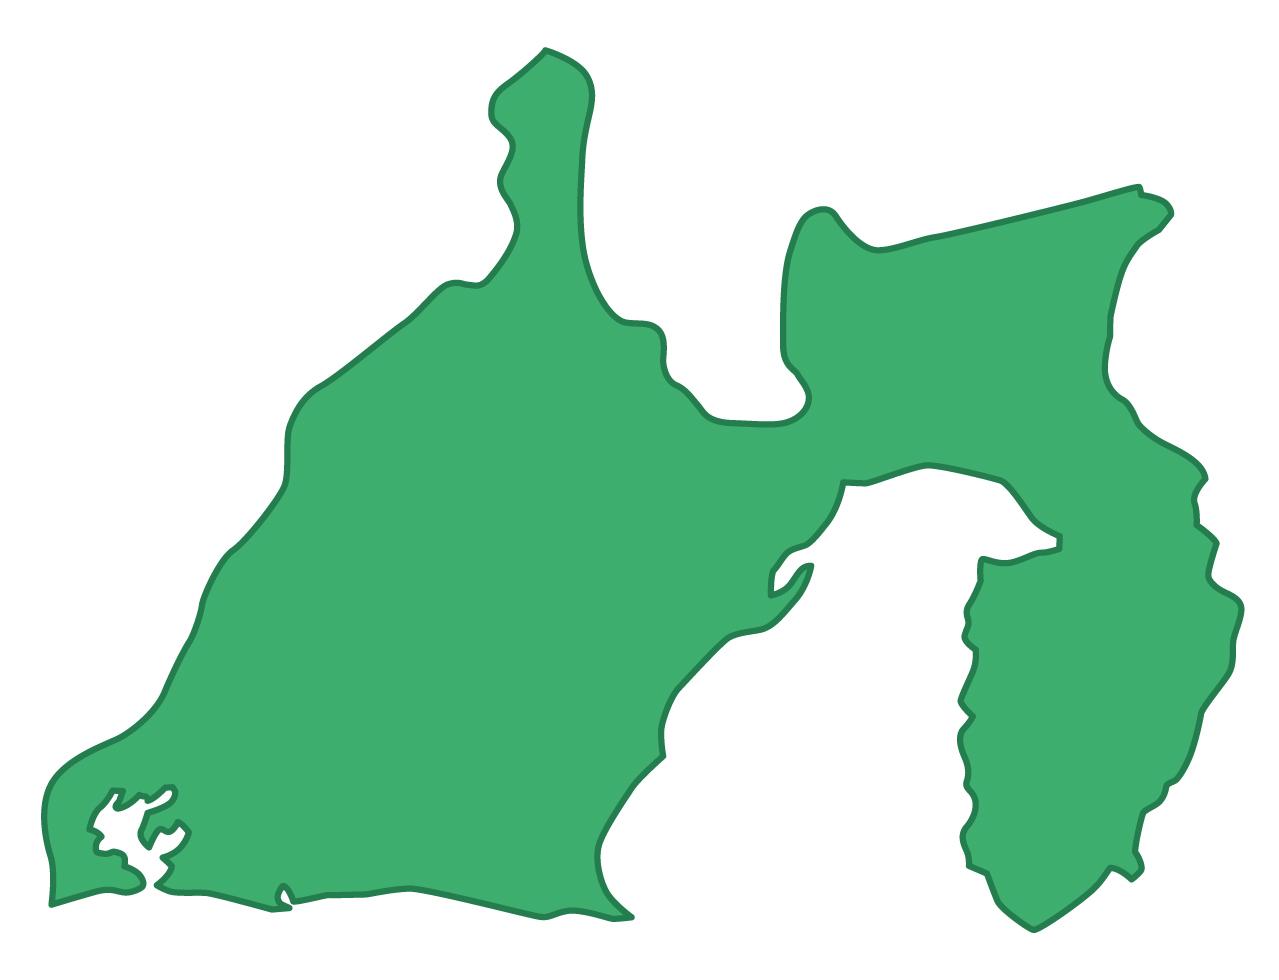 静岡県無料フリーイラスト|文字なし(緑)